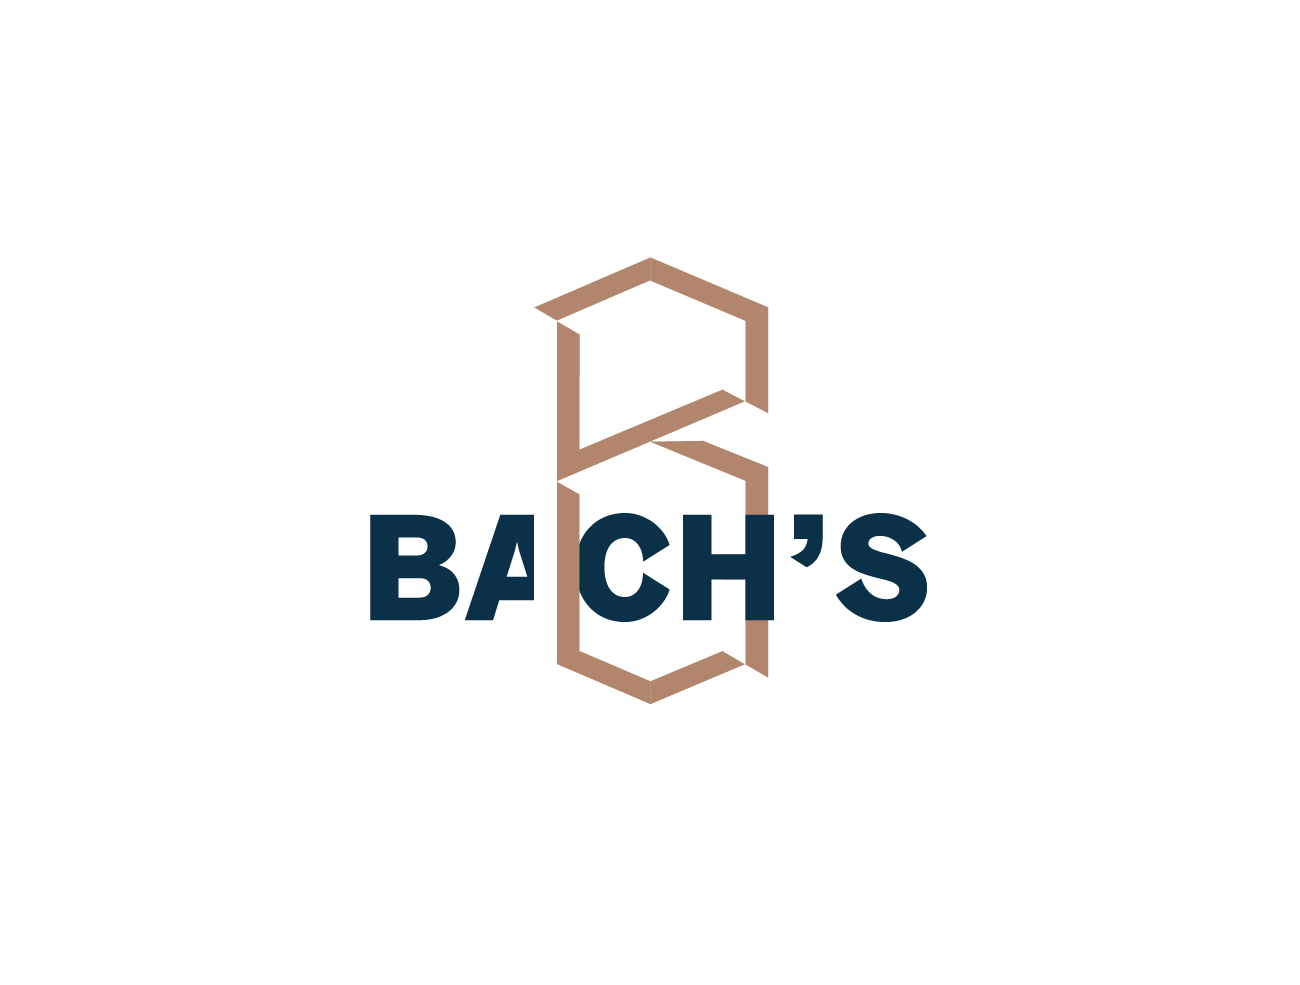 bachs3